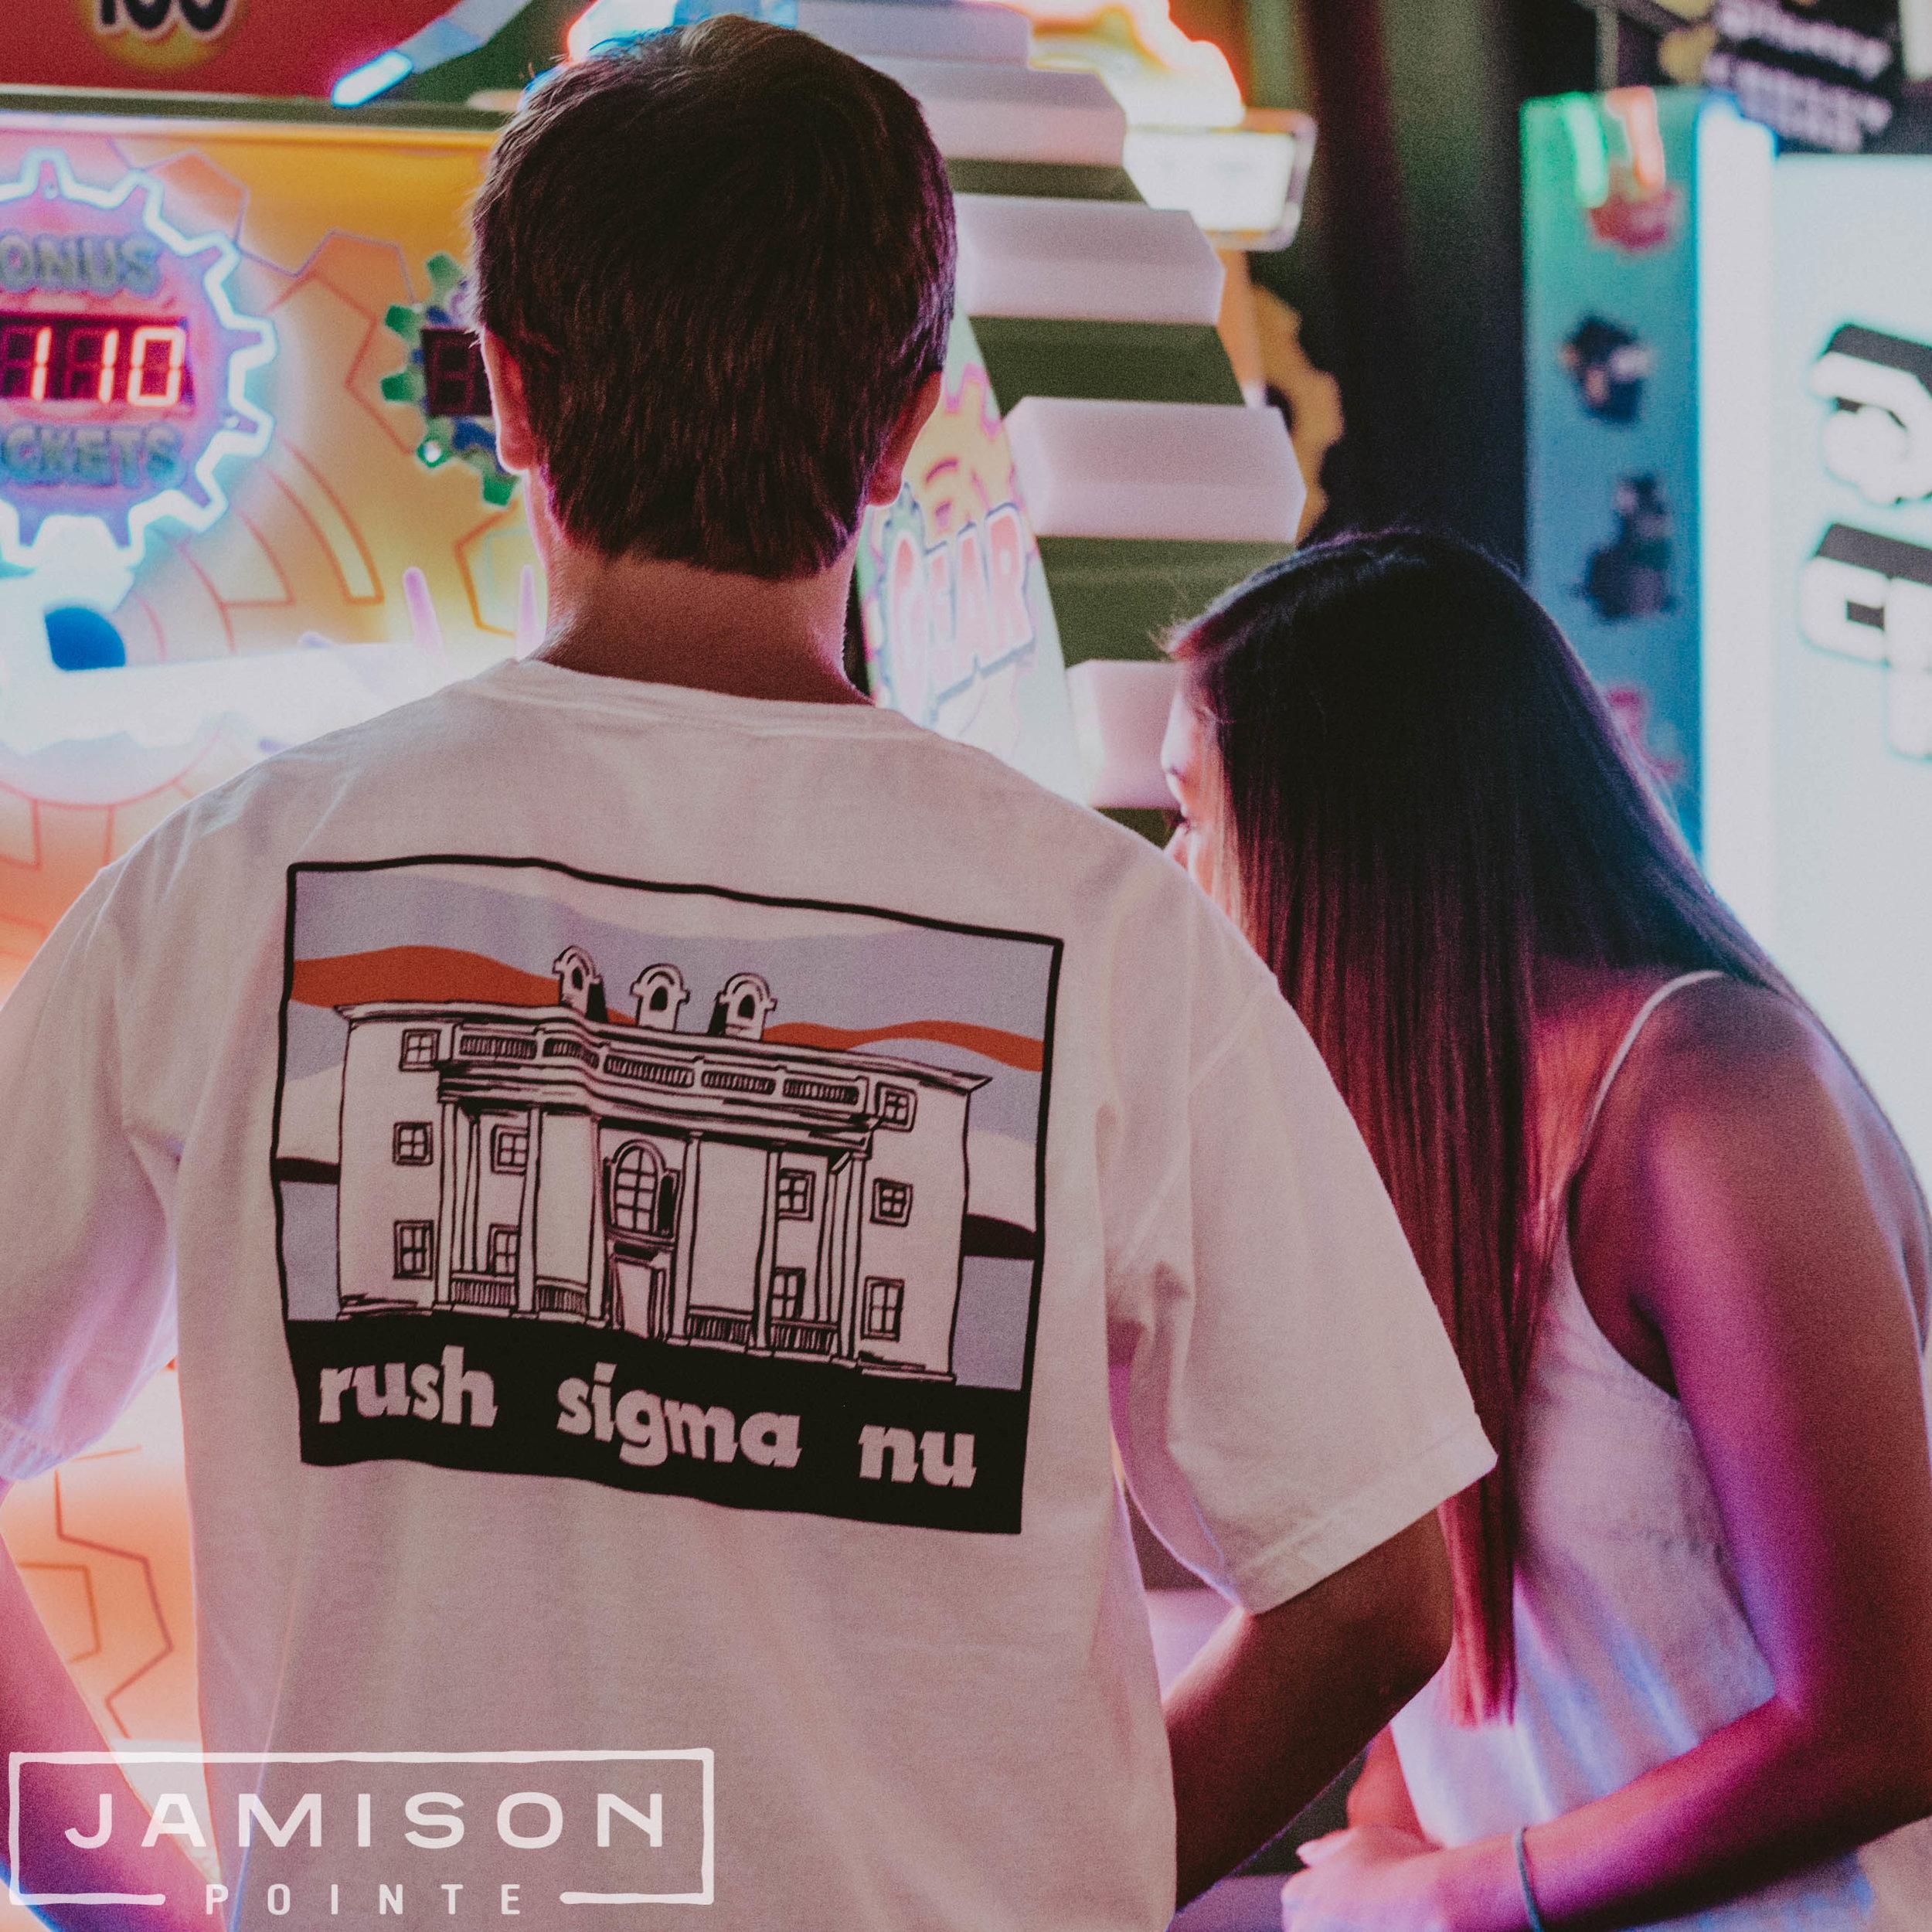 Sigma Nu Rush T-shirt